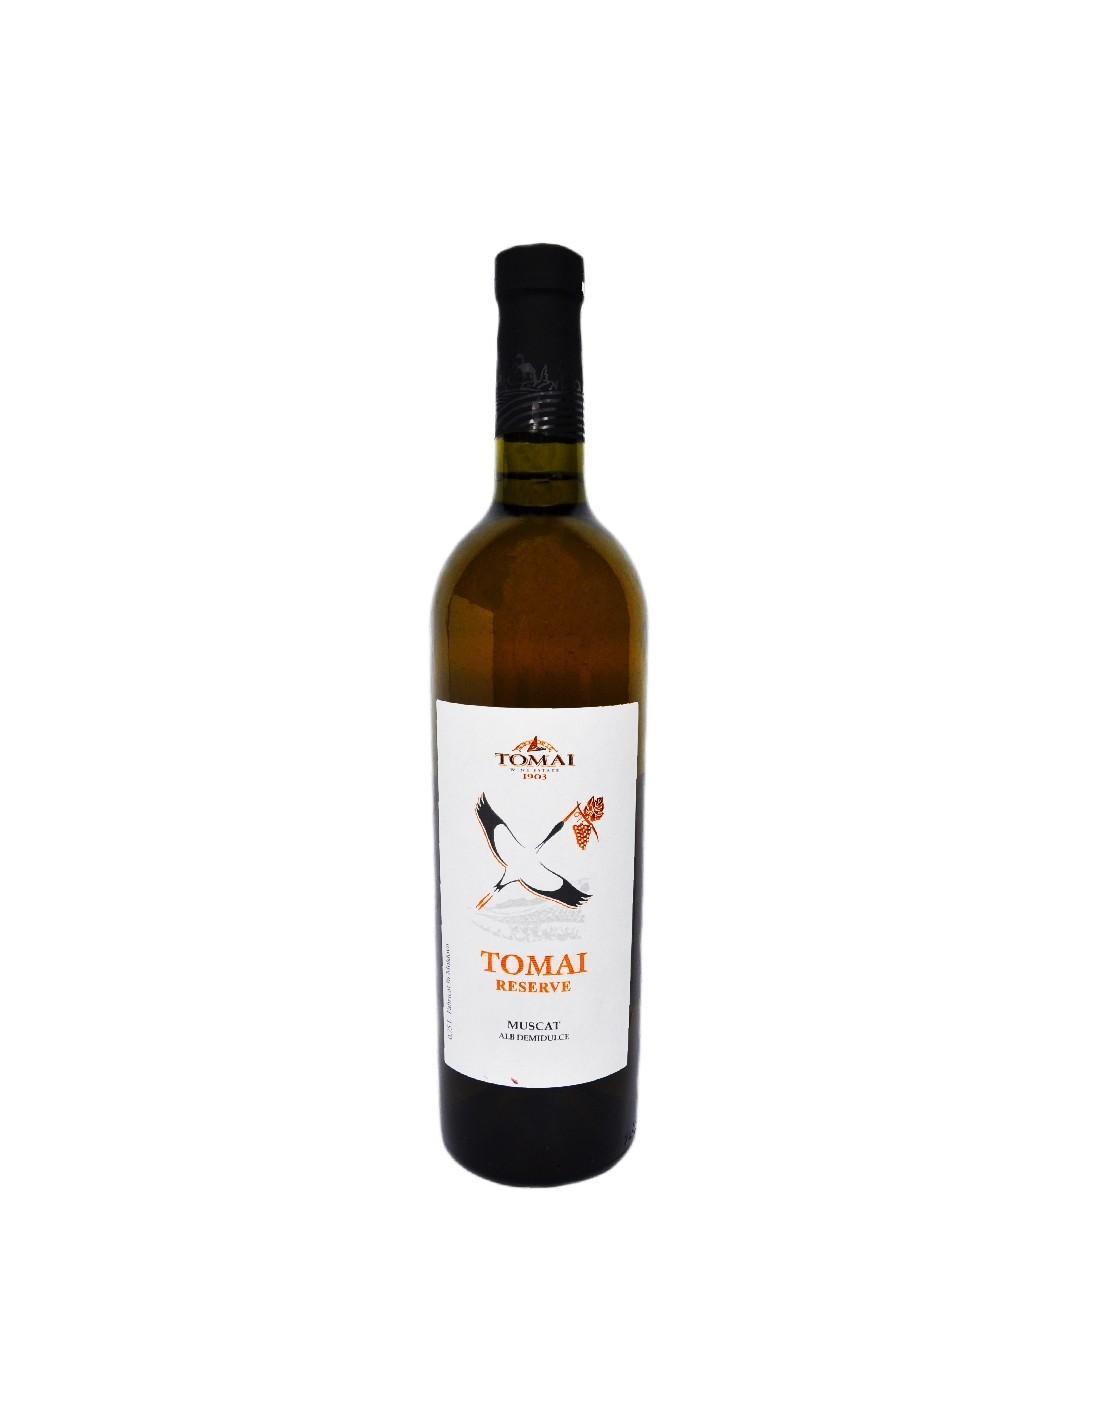 Vin alb demidulce, Muscat, Tomai Reserve, 12% alc., 0.75L, Republica Moldova